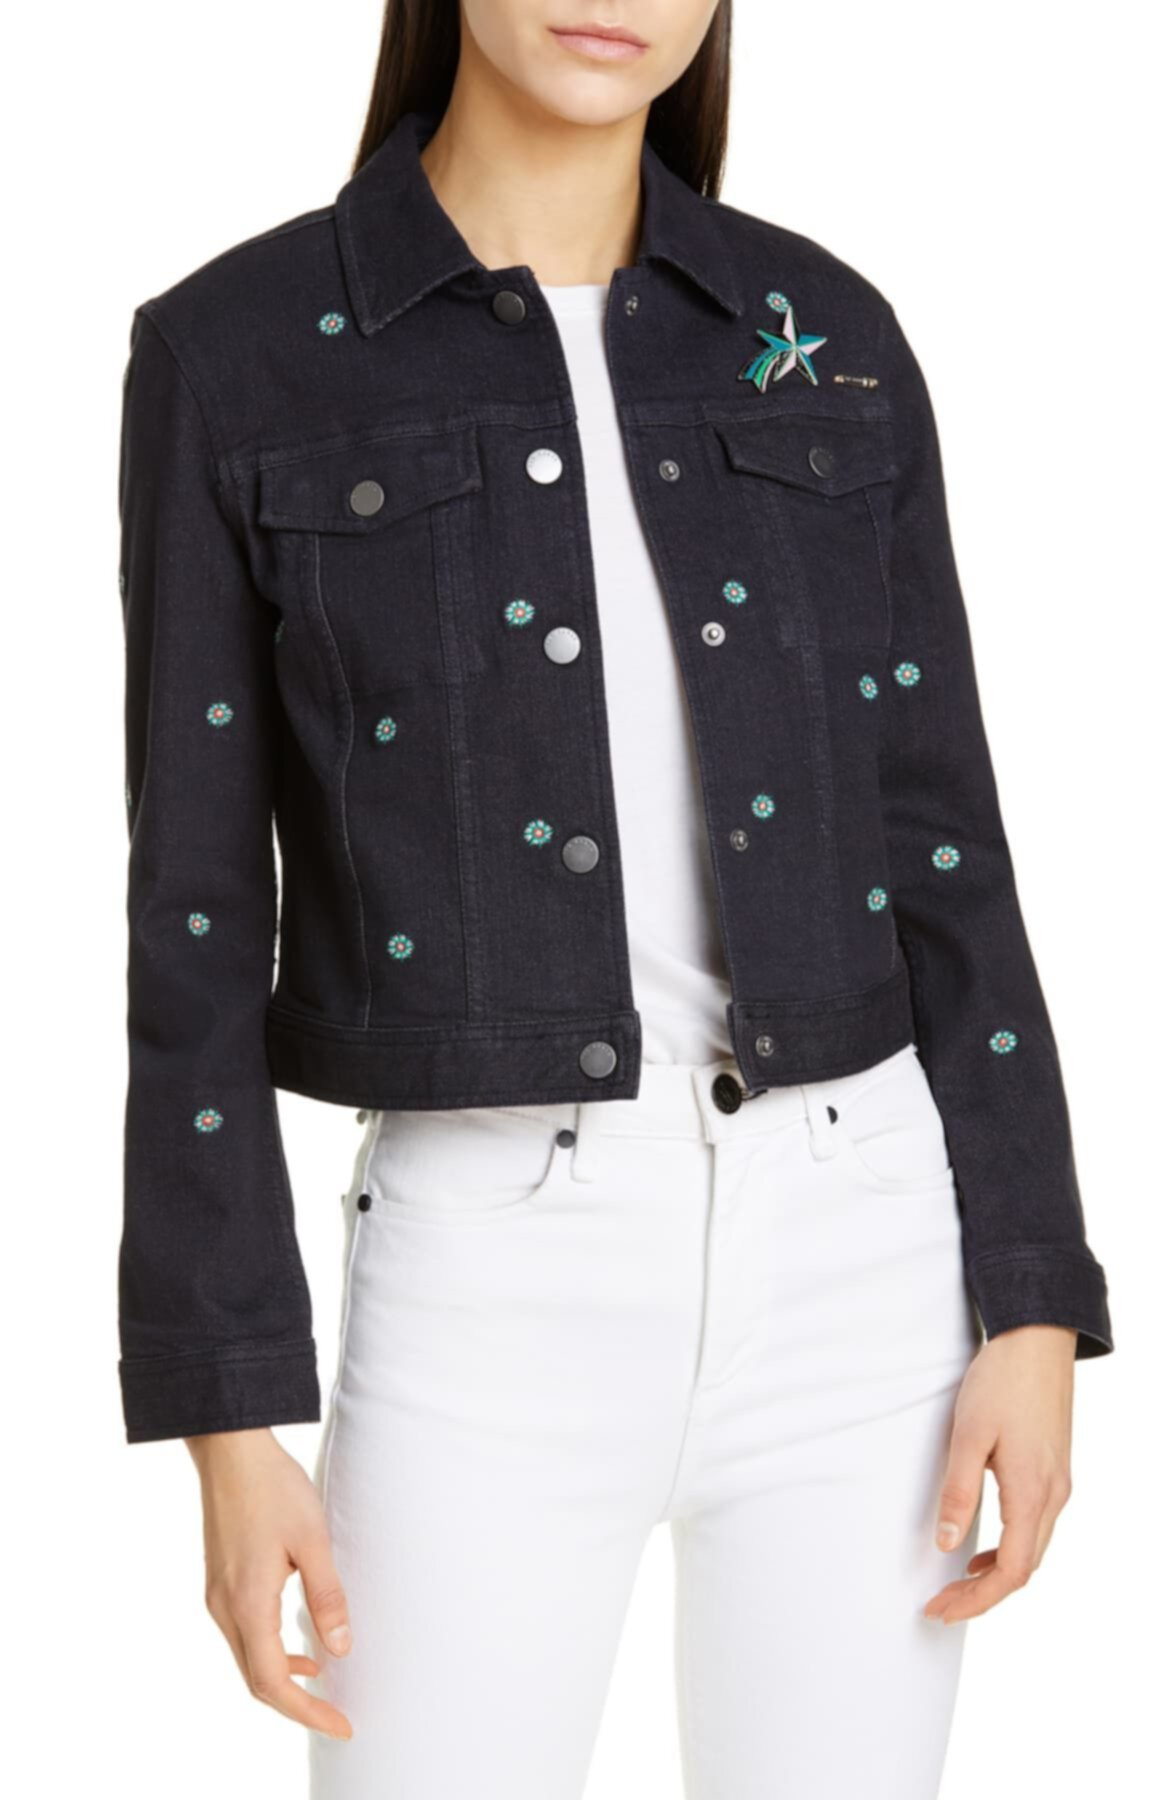 Купить джинсовку Джинсовая куртка Cavca цвета по номерам ...